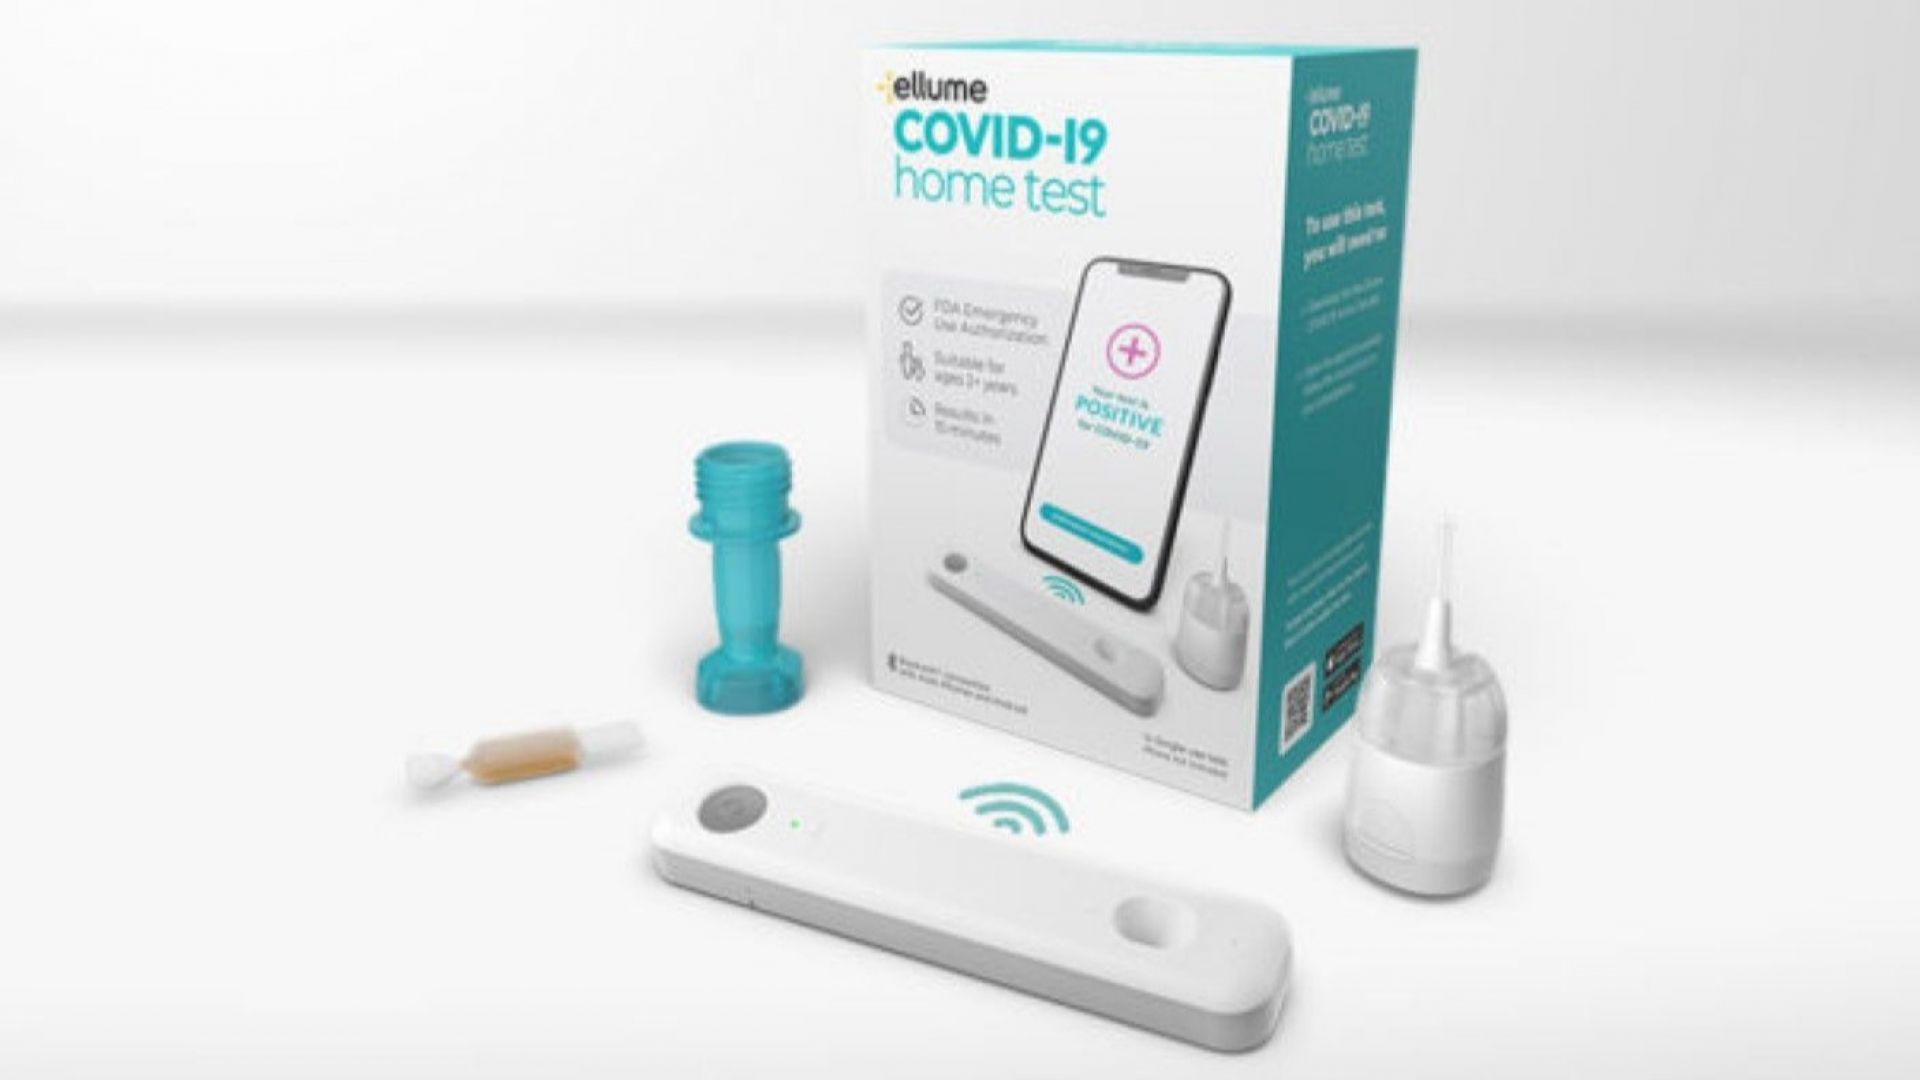 Пробив: Вече се продава домашен тест за коронавирус - без рецепта